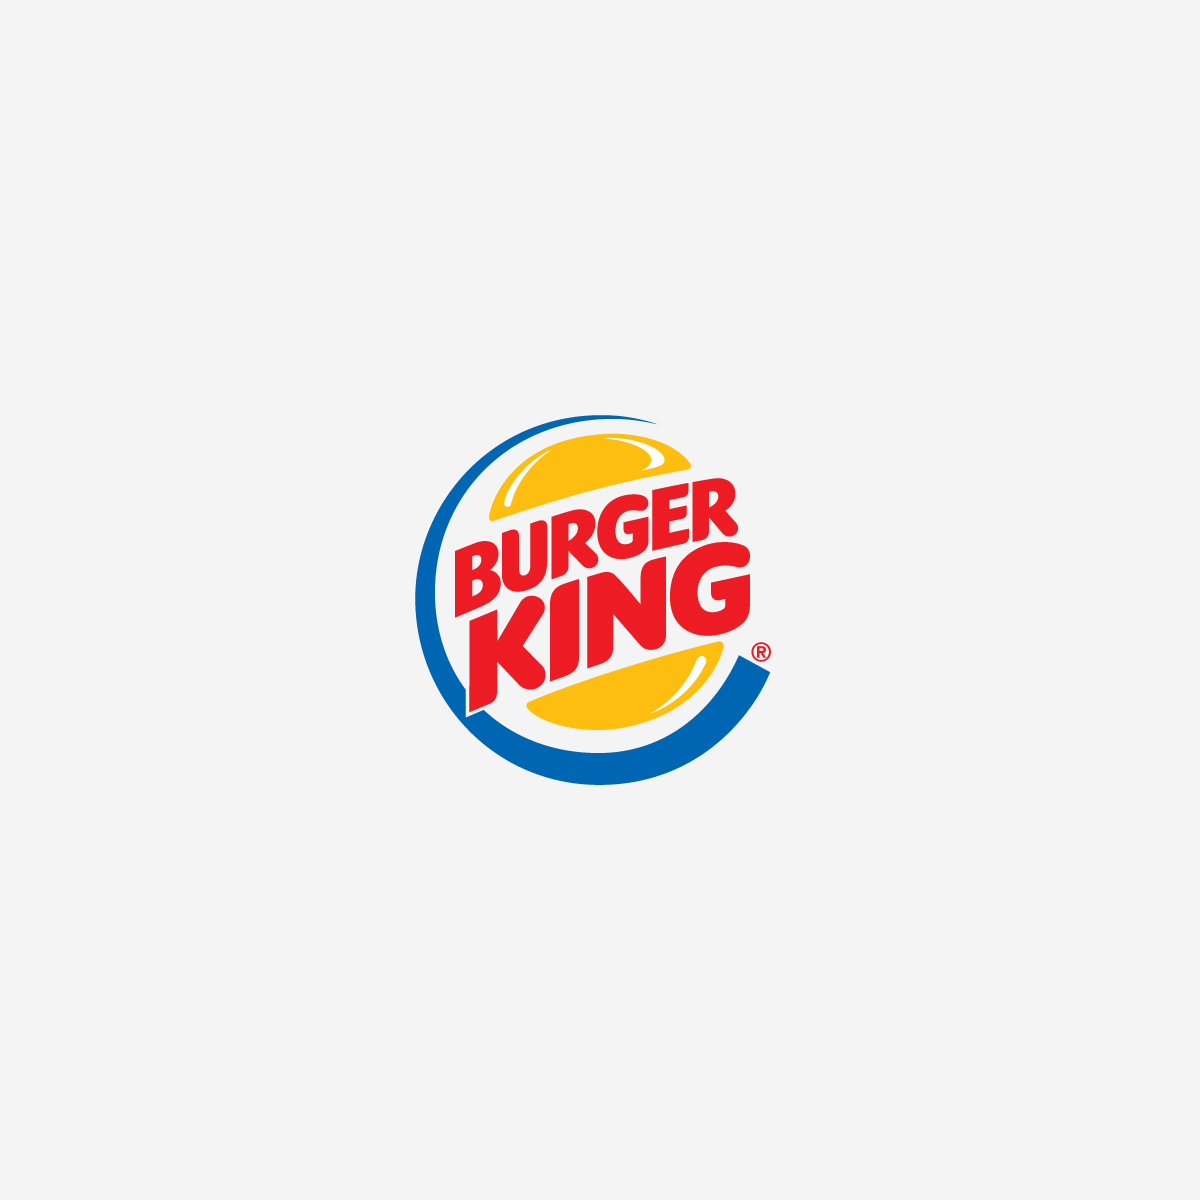 BURGER KING | SPLOOSH MEDIA | BRANDING AGENCY MANCHESTER